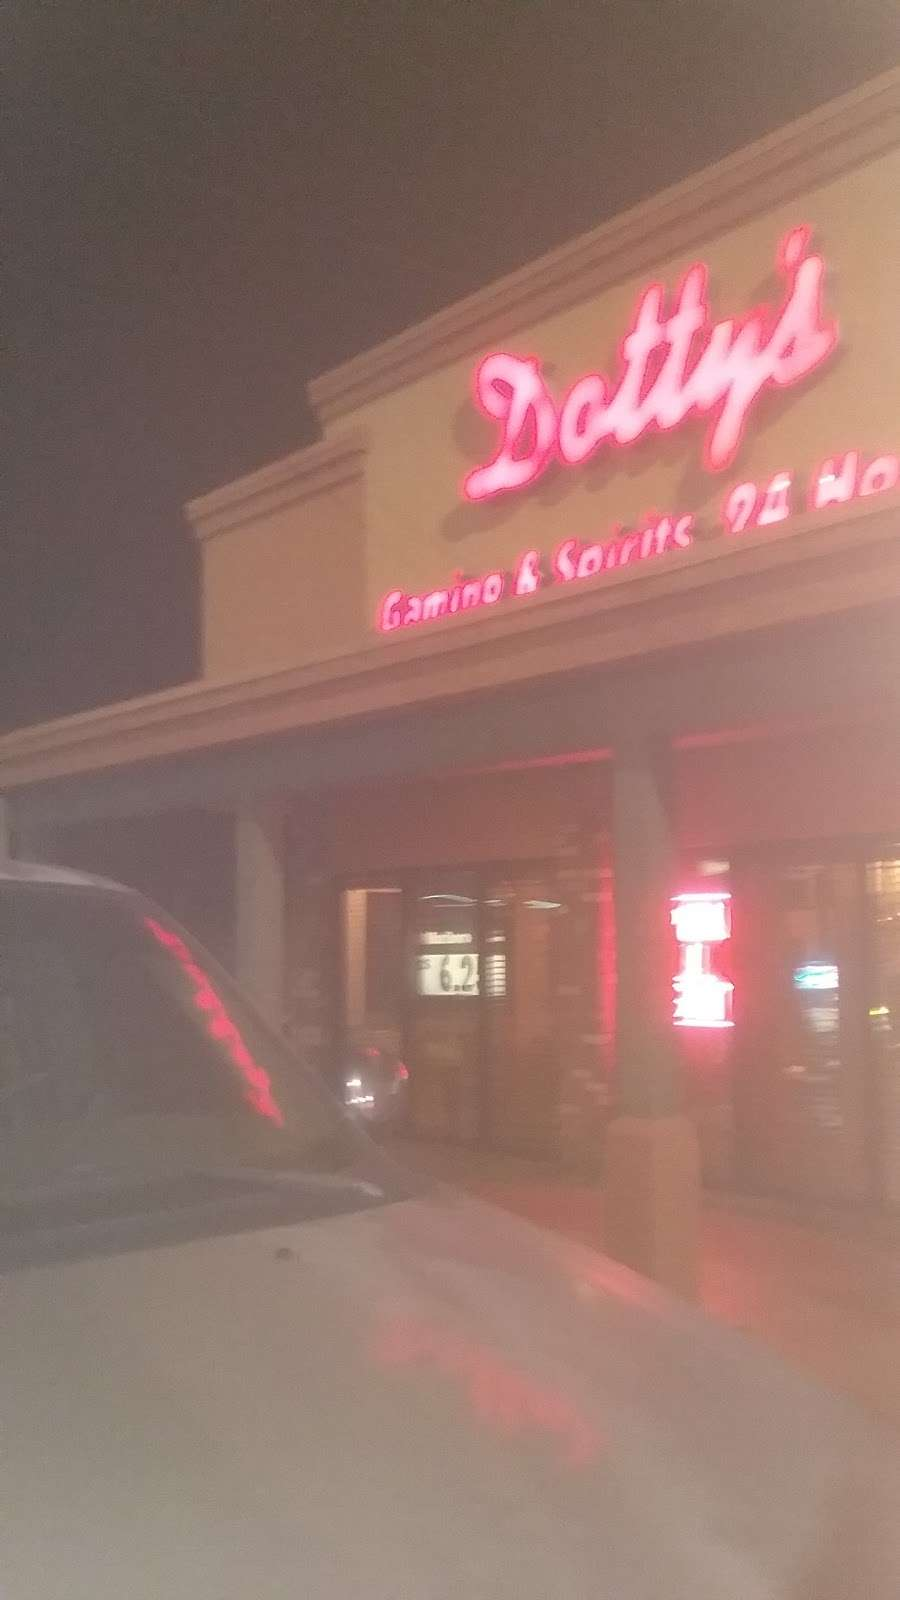 Dottys Gaming & Spirits - restaurant  | Photo 6 of 6 | Address: 4437 W Charleston Blvd, Las Vegas, NV 89102, USA